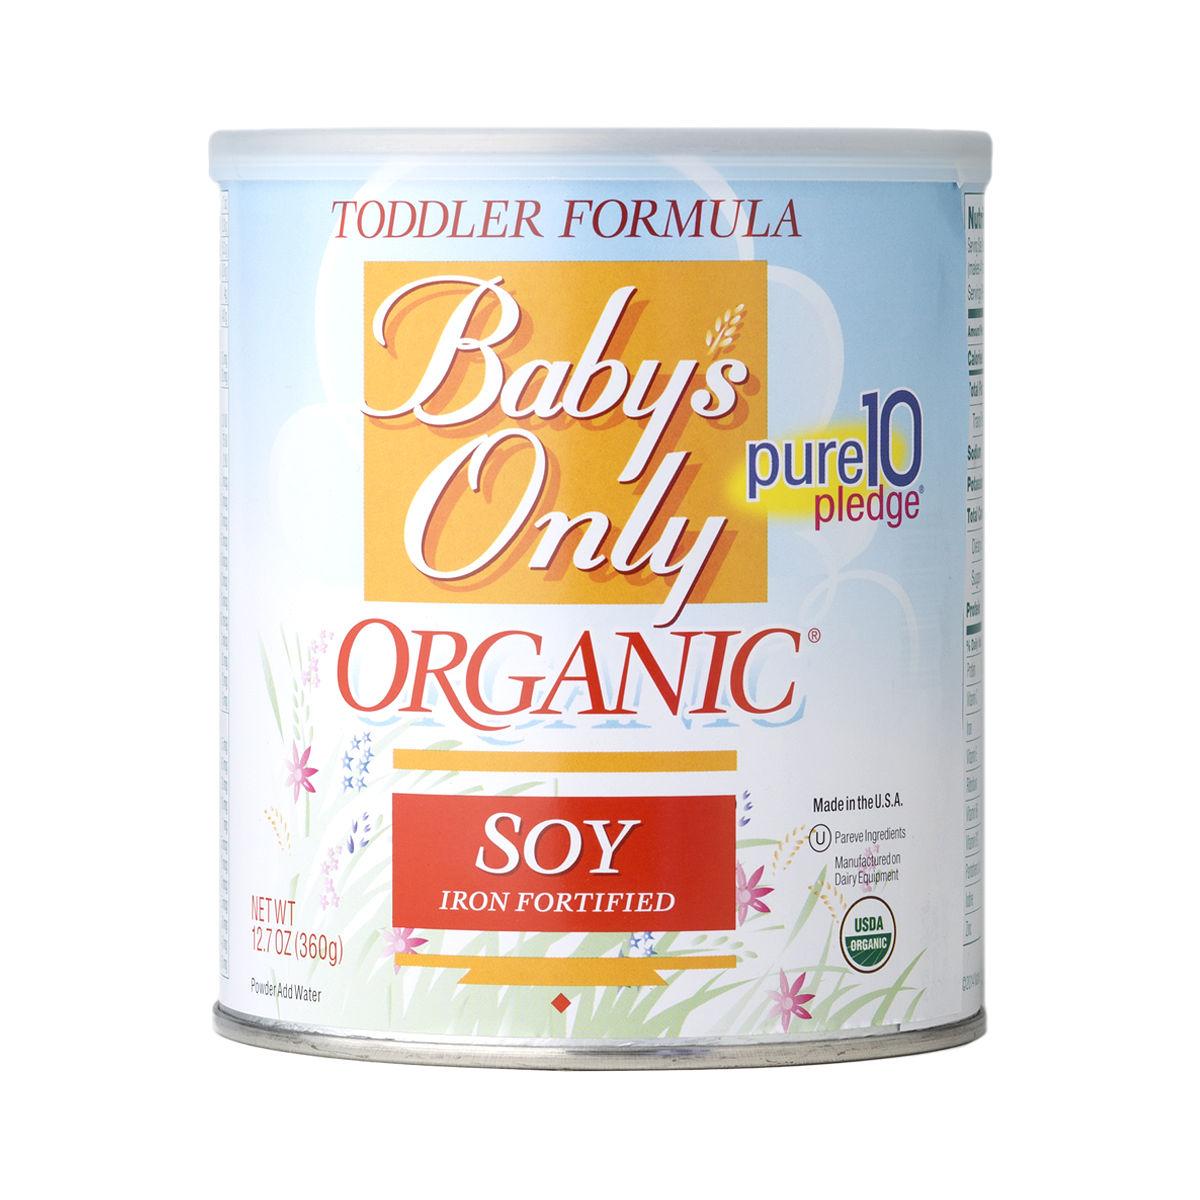 Soy toddler formula